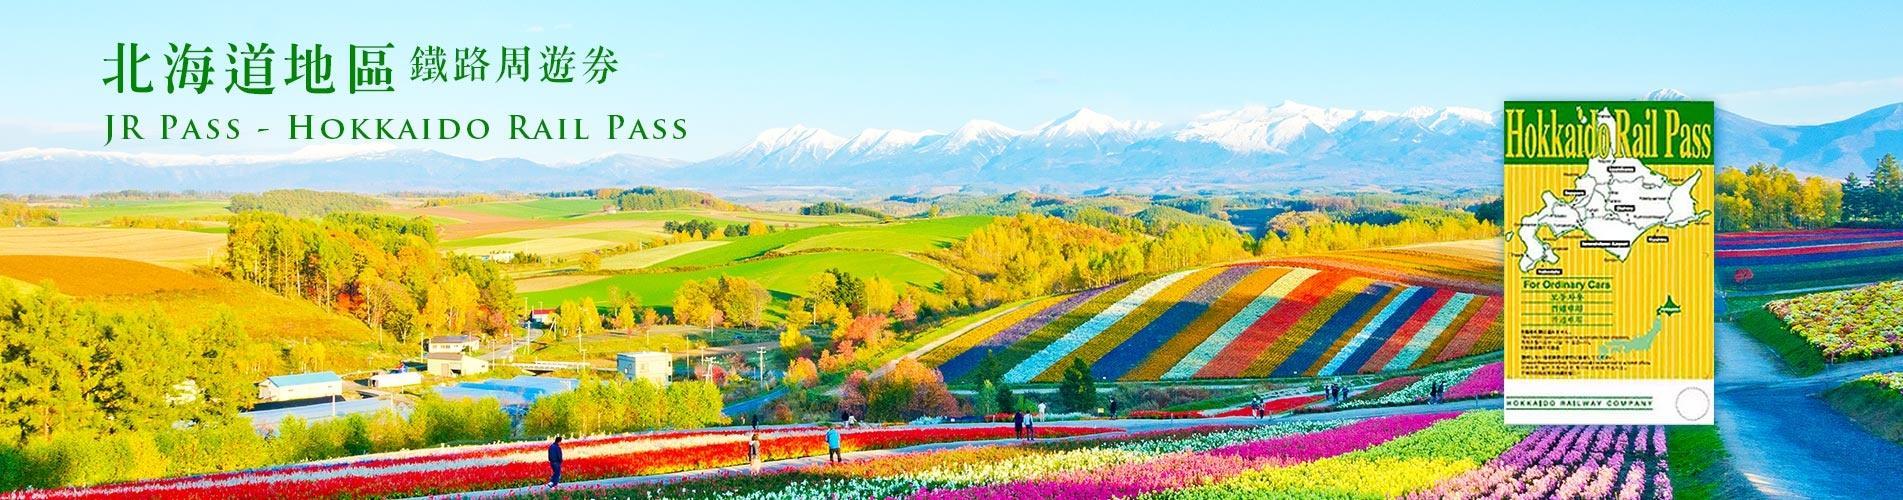 日本火車證 - JR北海道鐵路周遊券